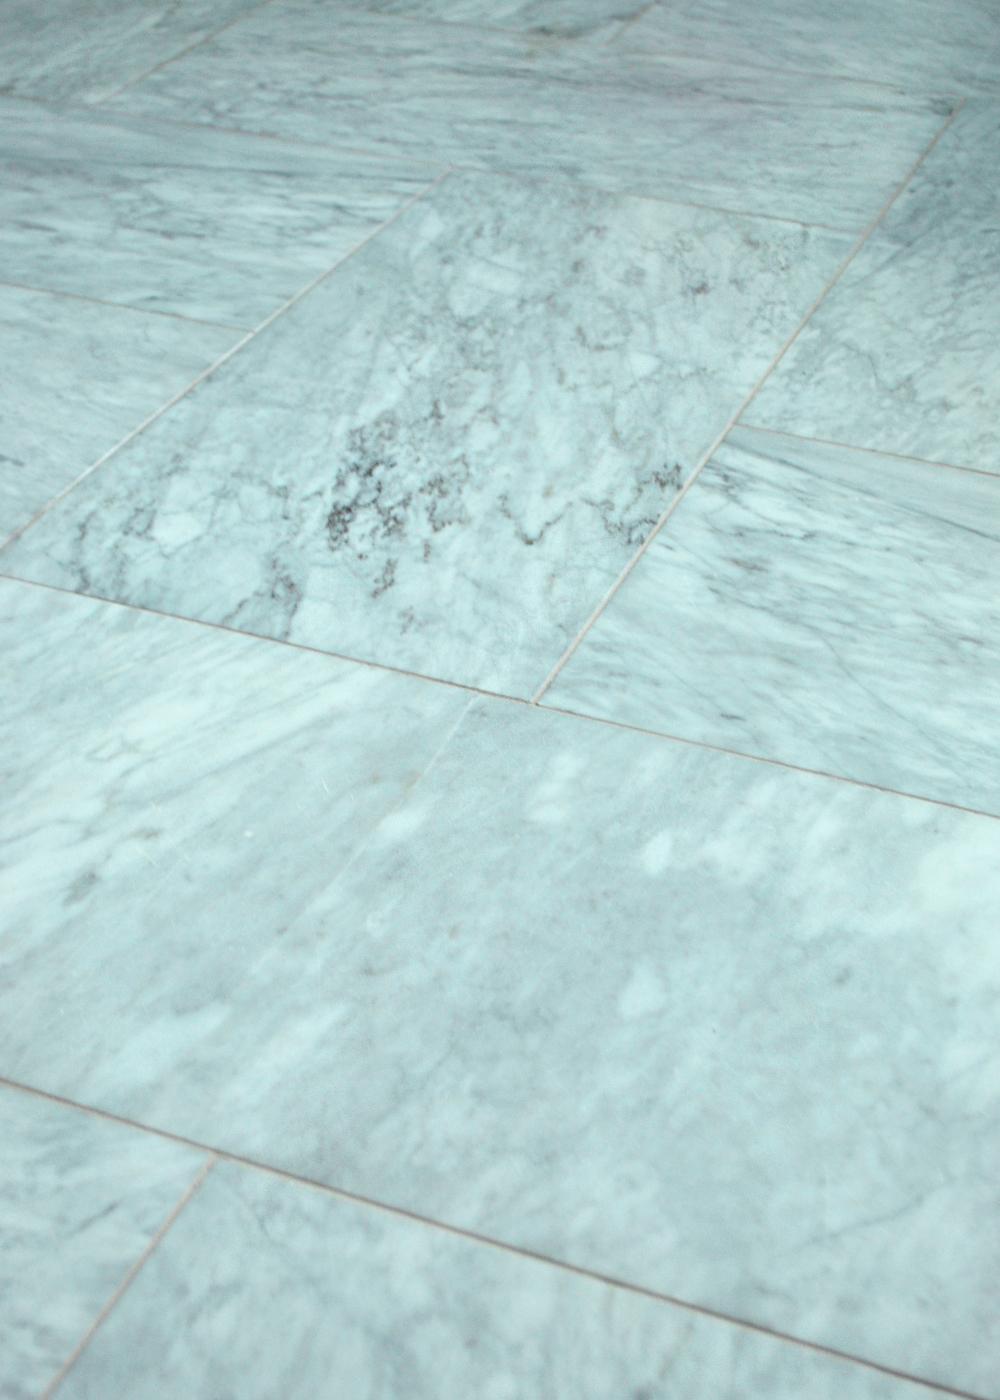 marblefloordetail.jpg